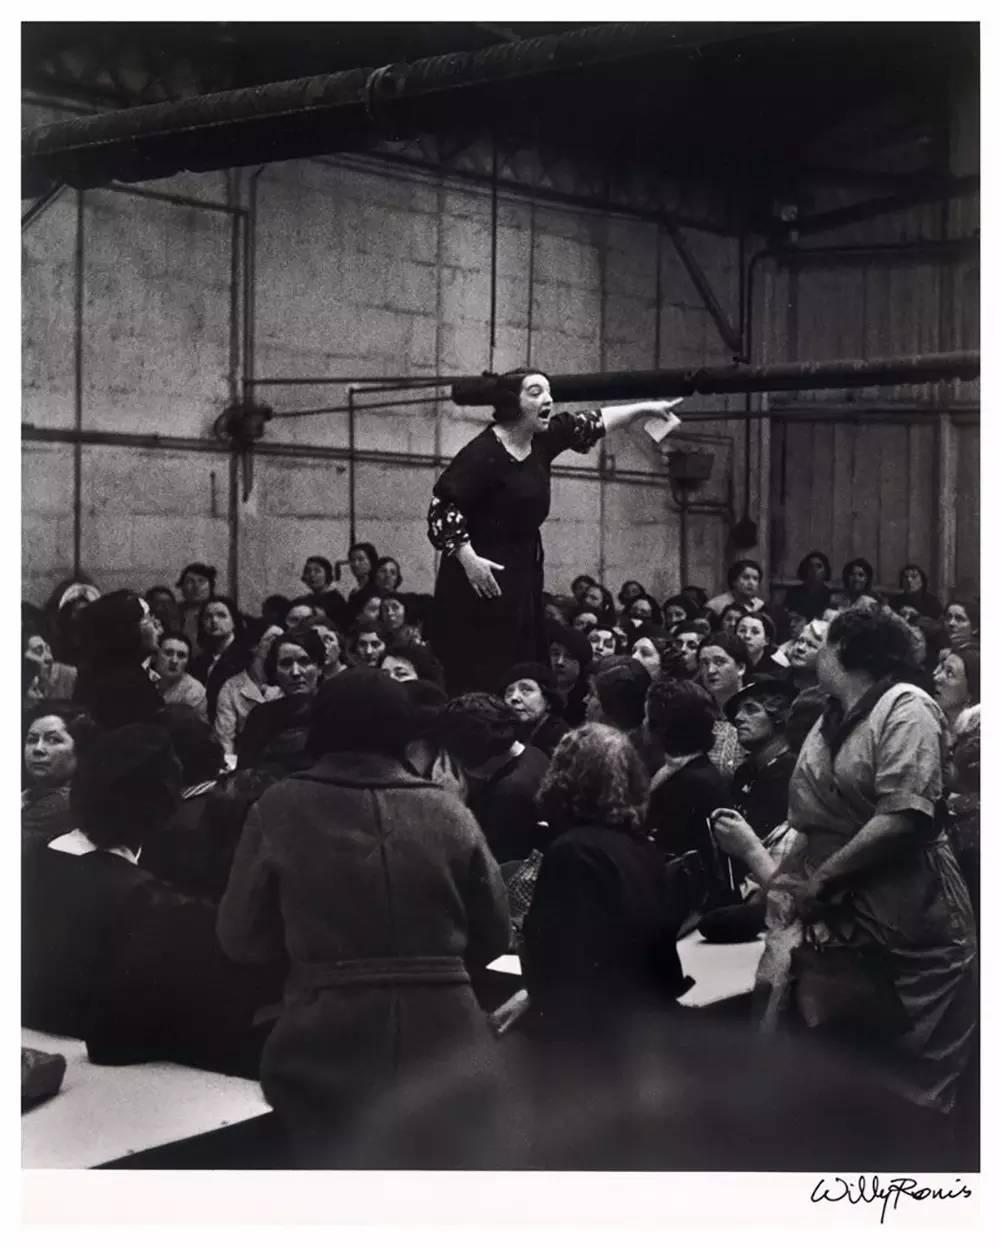 1938. Работницы во время забастовки на заводе Ситроен